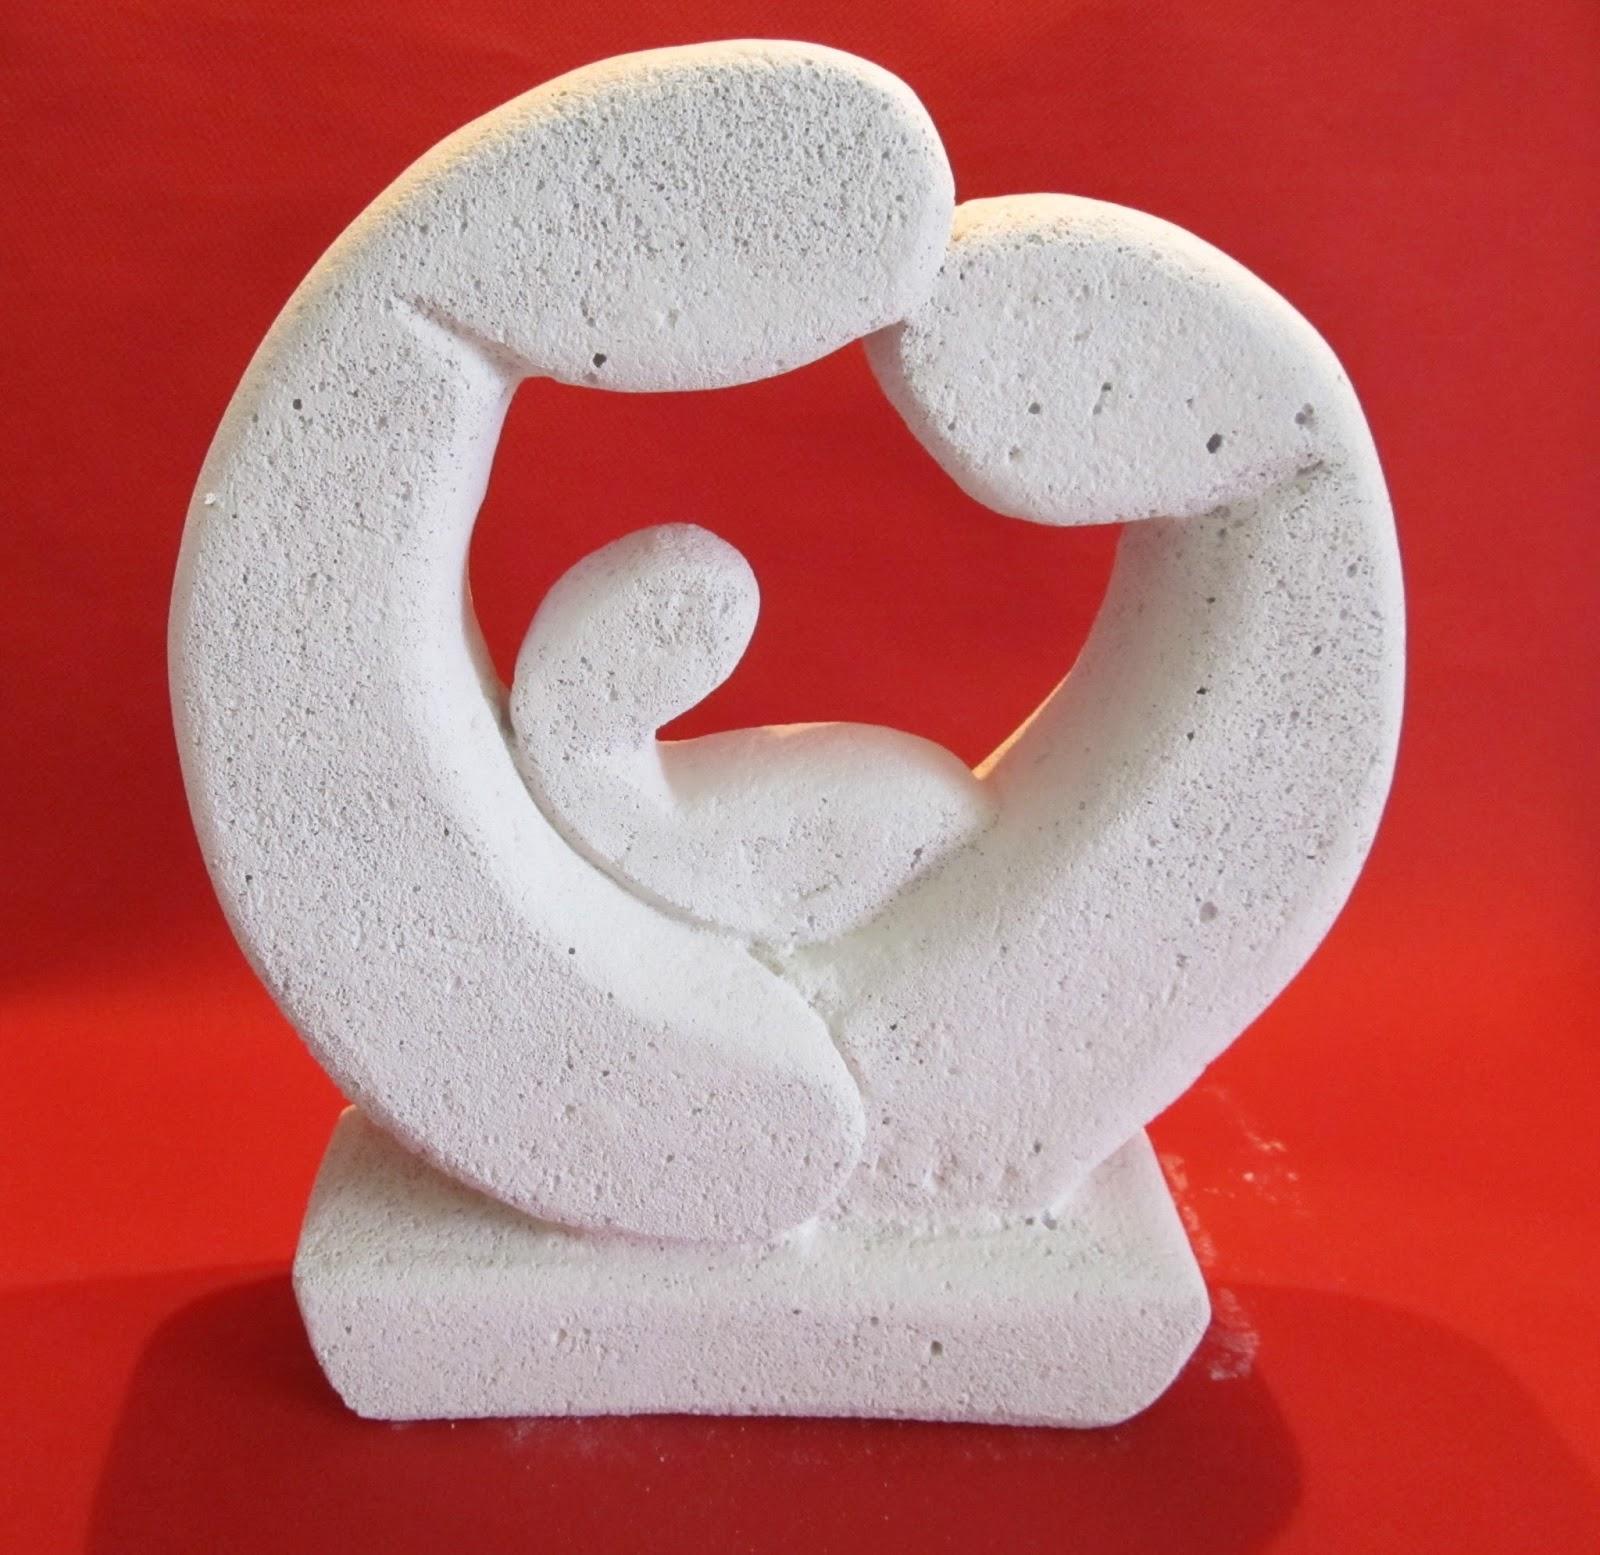 jean marc boucart artiste peintre et sculpteur de la baie de somme mes sculptures en b ton. Black Bedroom Furniture Sets. Home Design Ideas